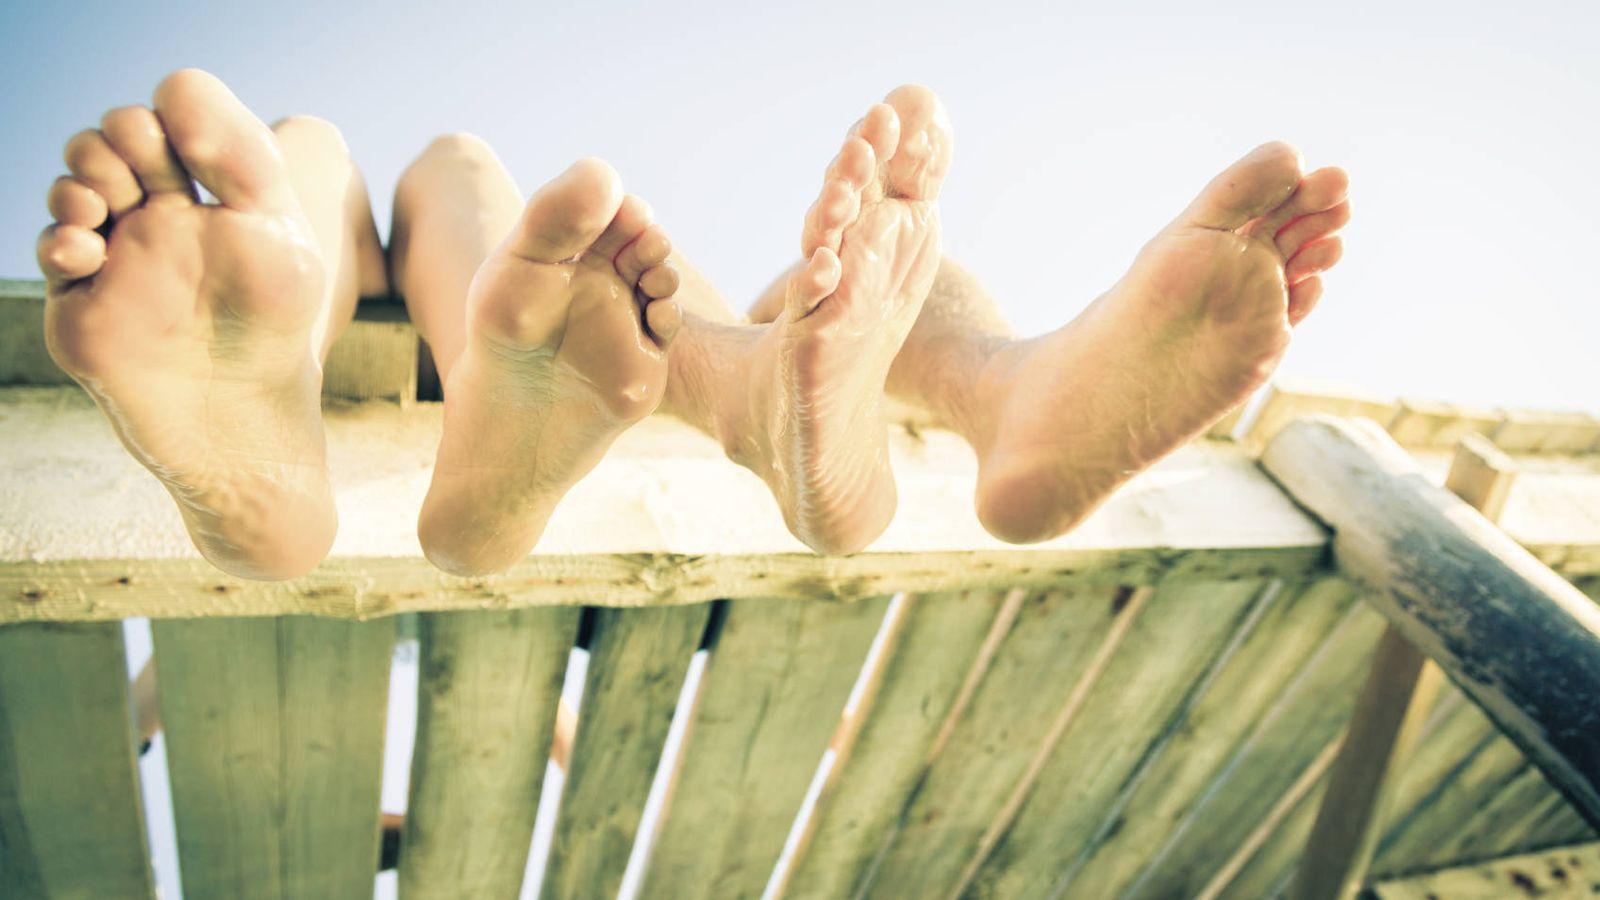 Foto: El verano: calor, humedad... problemas. (iStock)